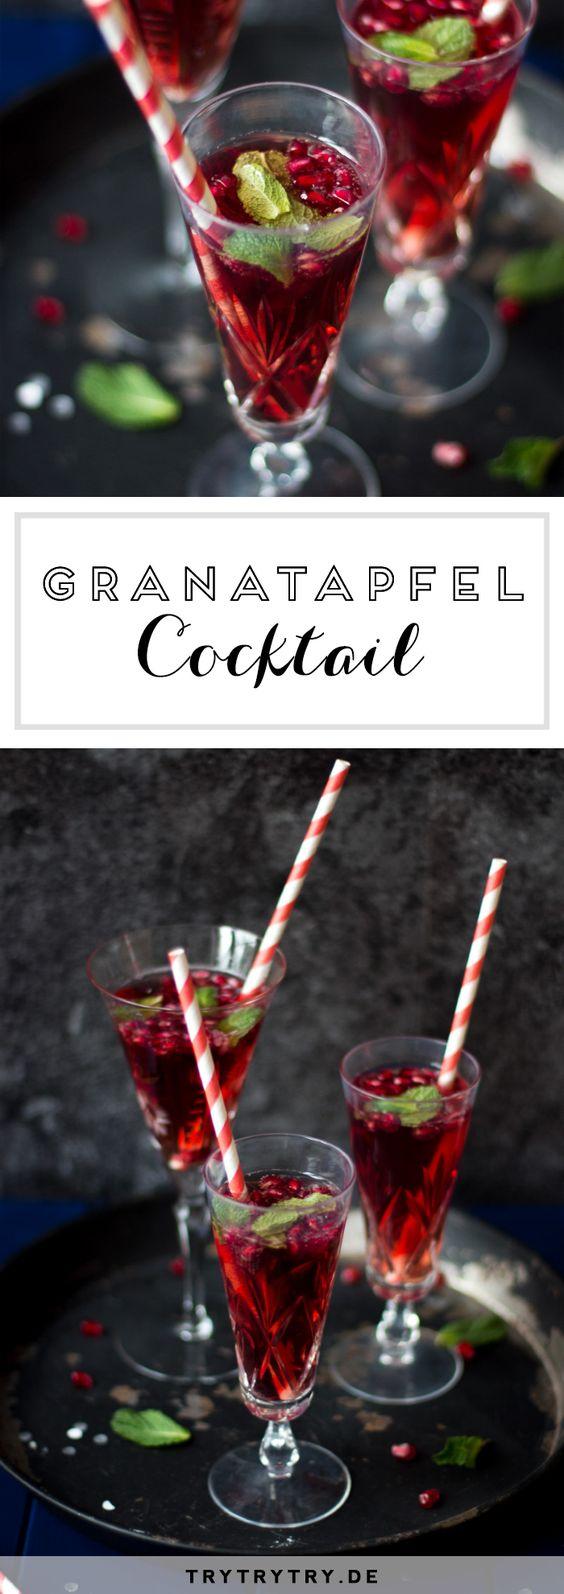 Ein leckeres Getränk für die Feiertage: Granatapfel Cocktail